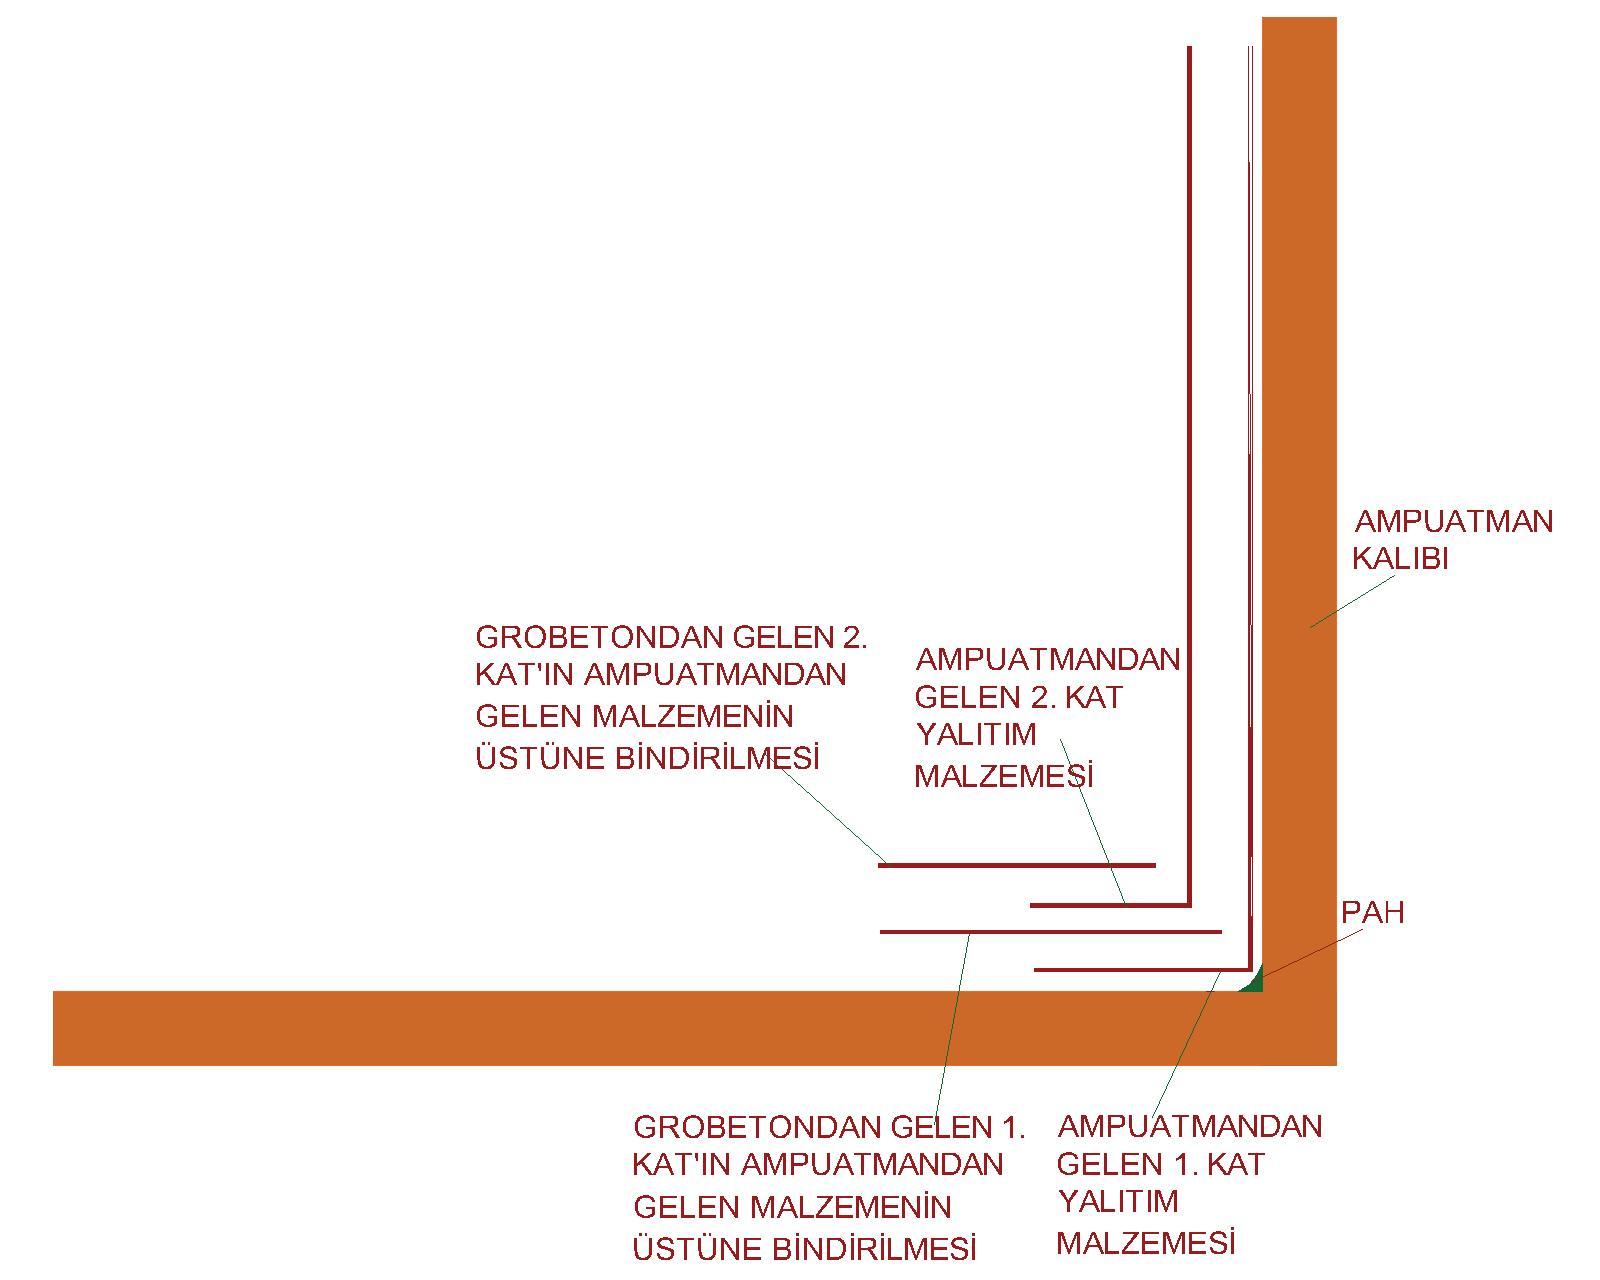 ampuatman-kalibi-veya-kademeli-temellerde-membran-uygulama-mantigi